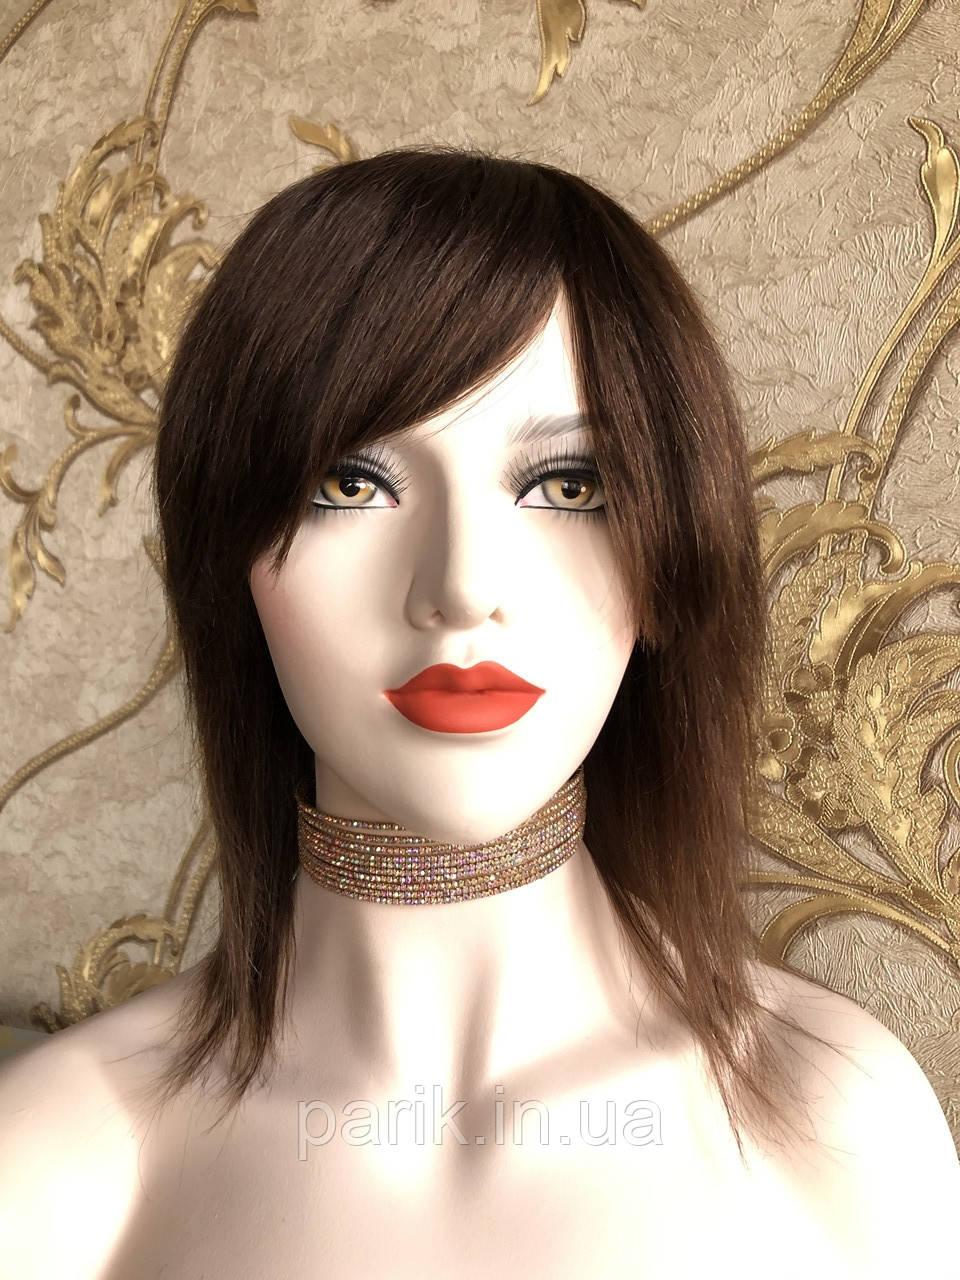 💎Натуральный женский парик коричневый с чёлкой, натуральный волос 💎